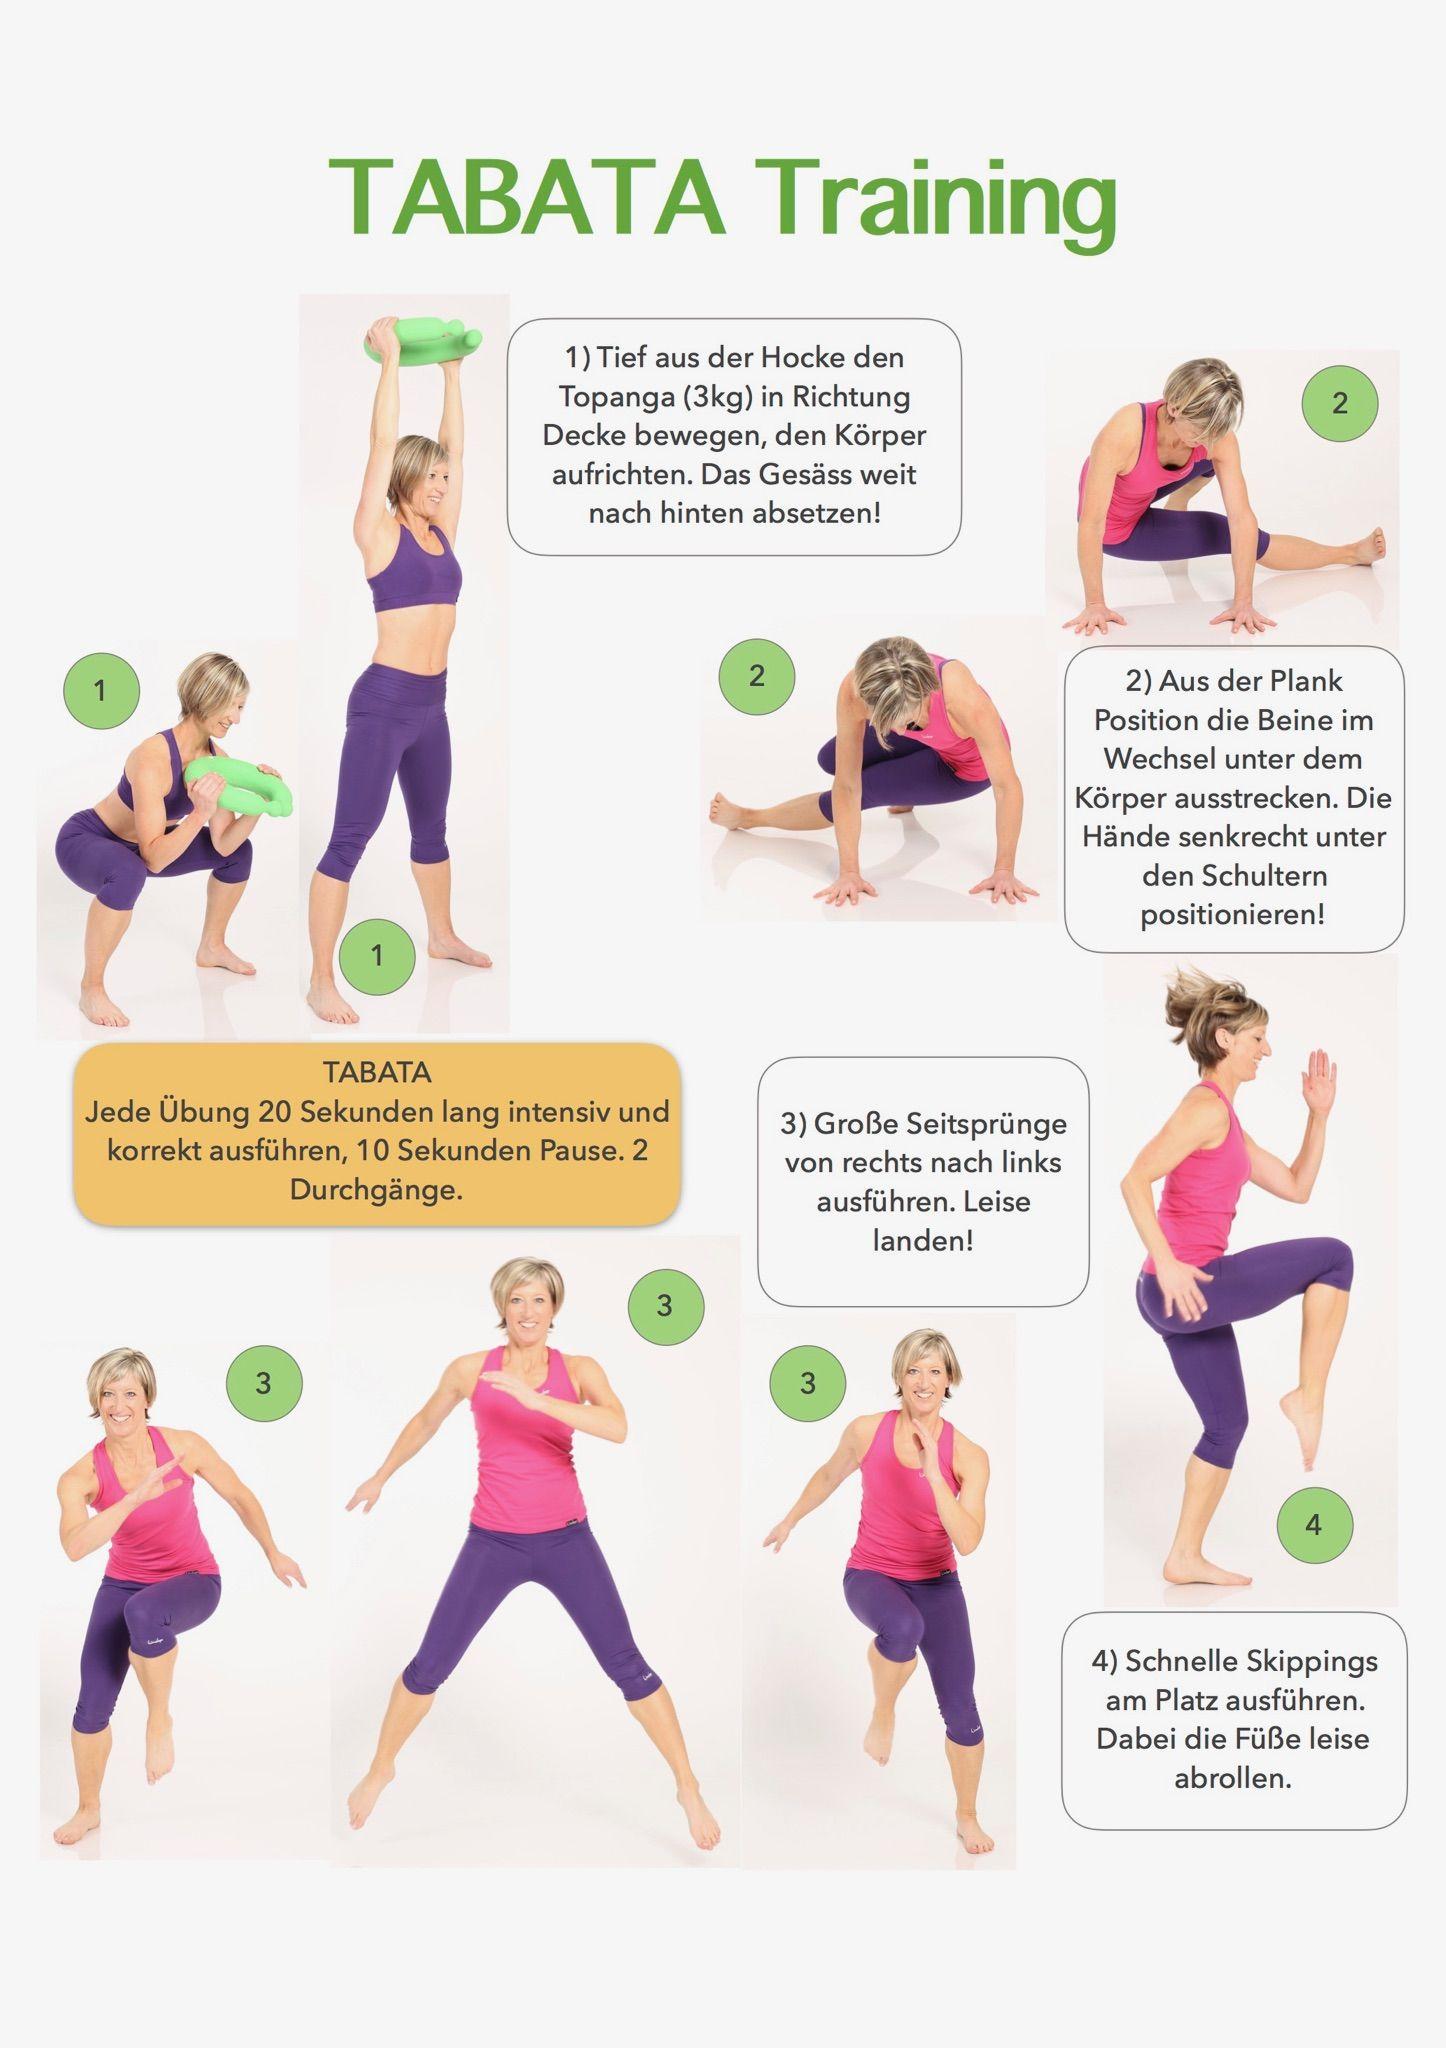 Tabata Training 😊 | Bauch Beine Po | Pinterest | Bauch, Bauch beine ...